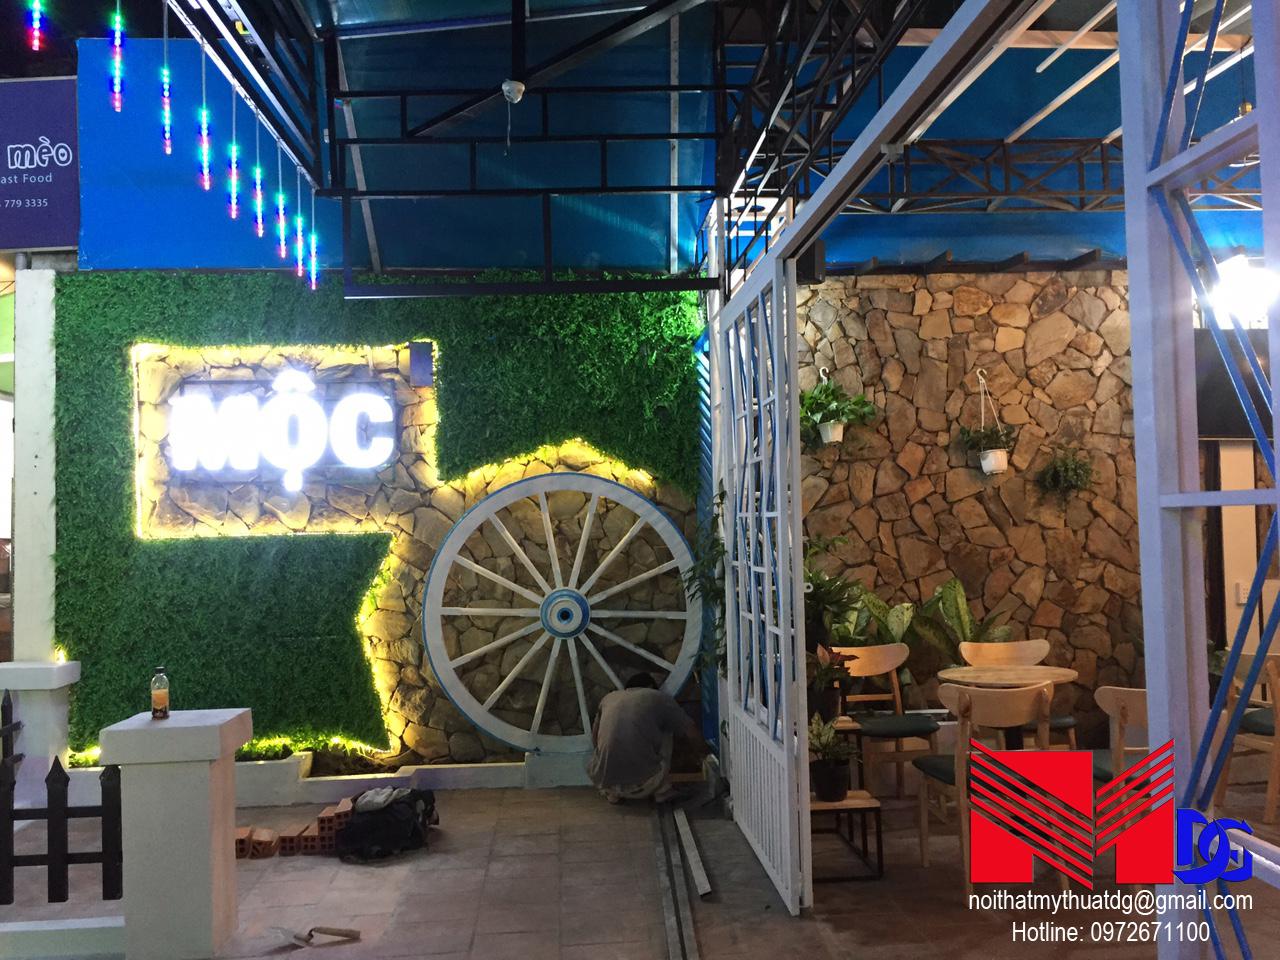 Thi công quán cafe sân vườn Mộc Coffee (11)